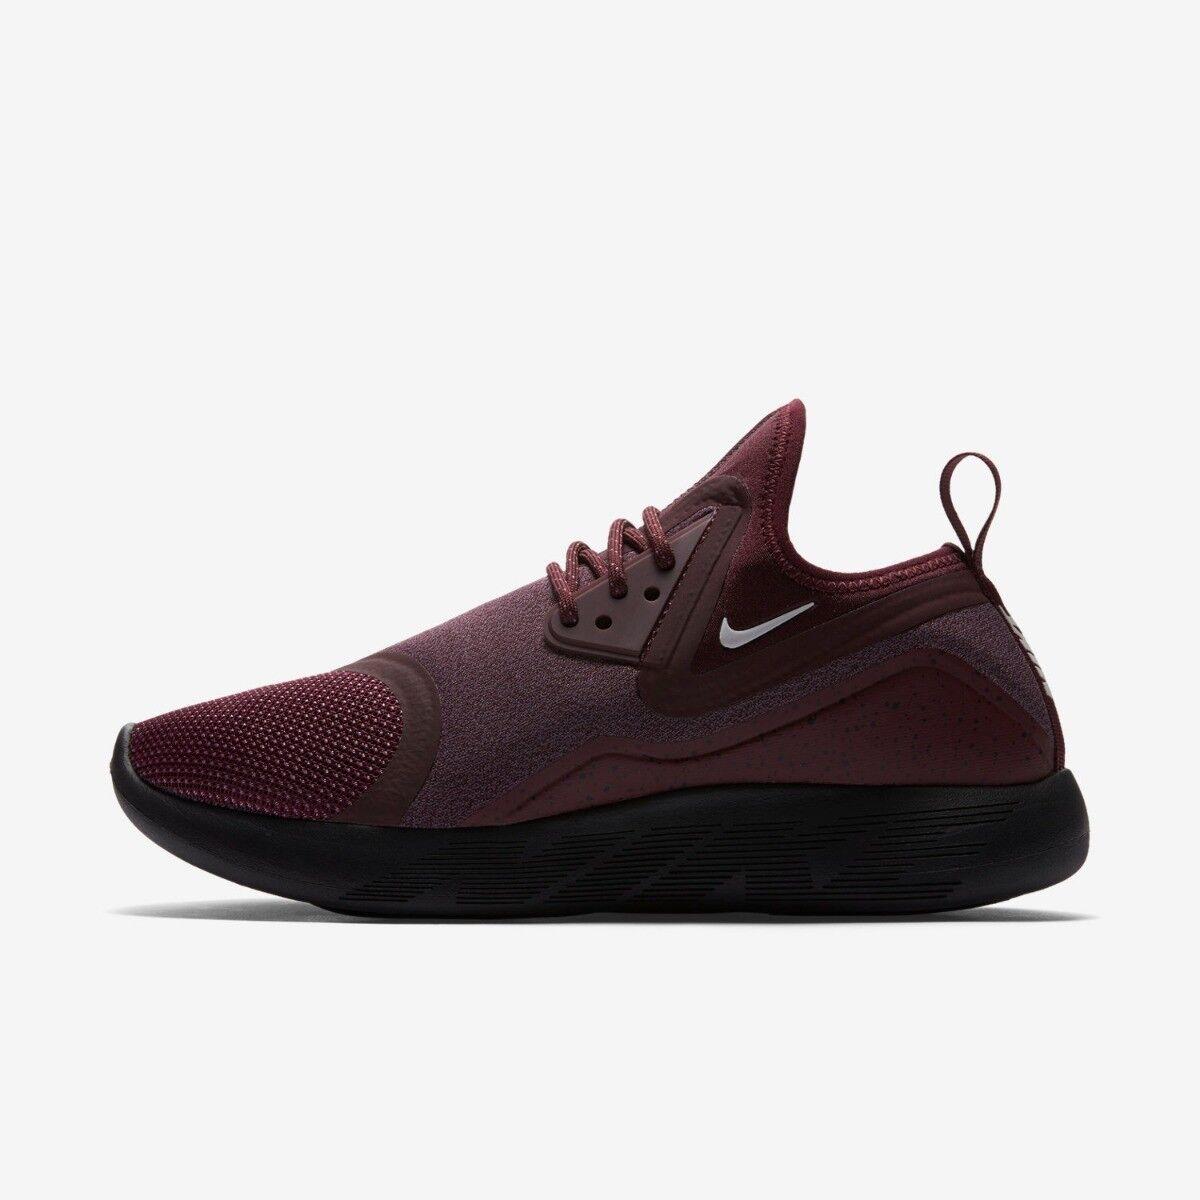 Los últimos zapatos de descuento para hombres y mujeres Nike lunarcharge Esencial Mujer Zapatilla de deporte noche GRANATE